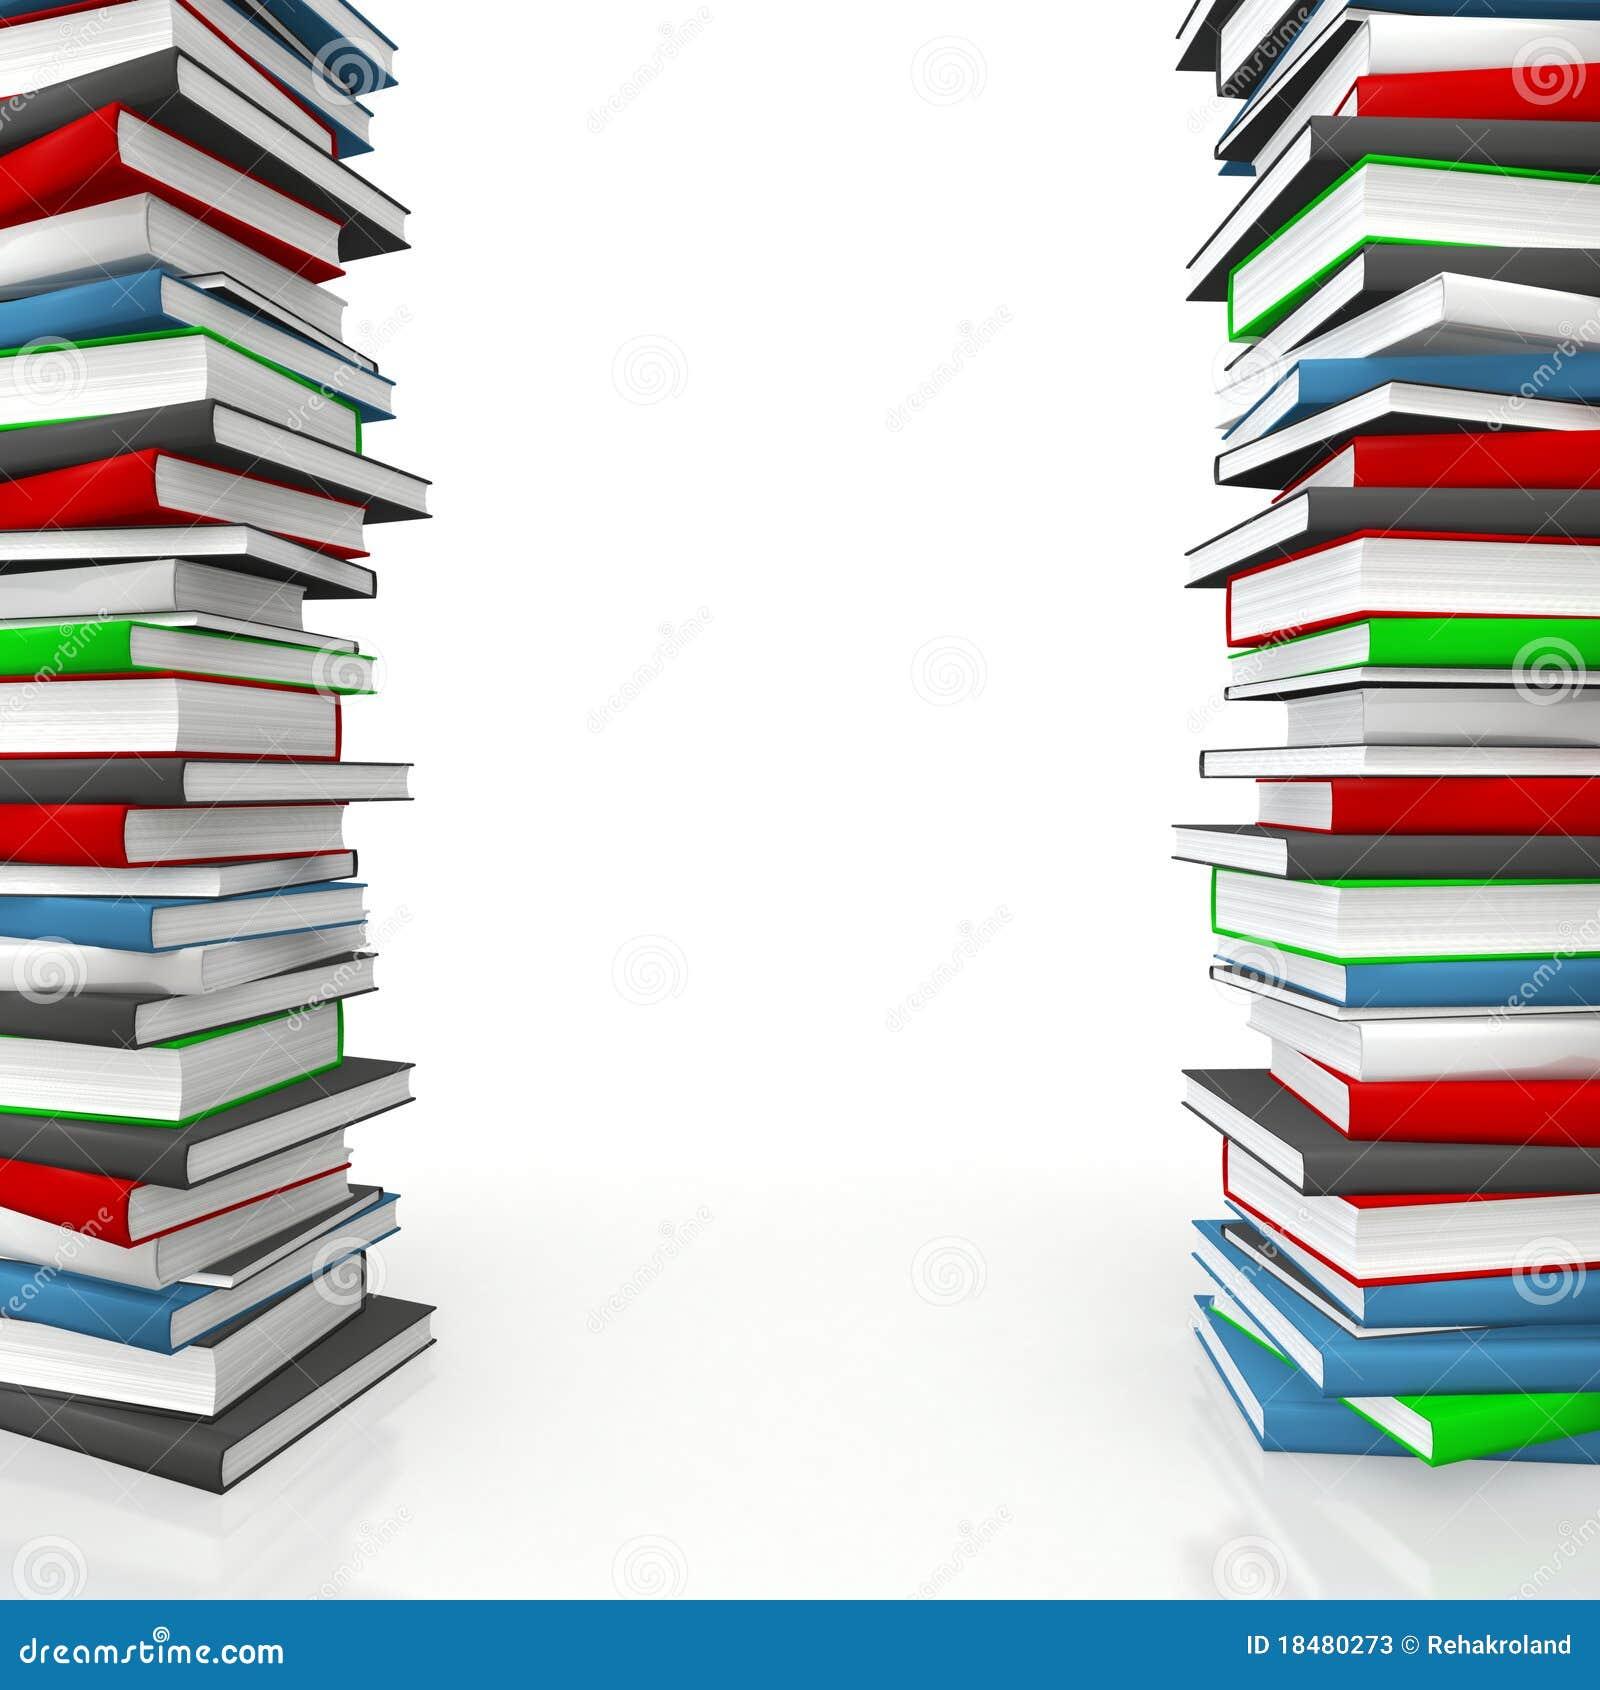 Book Piles As Frame Stock Photos